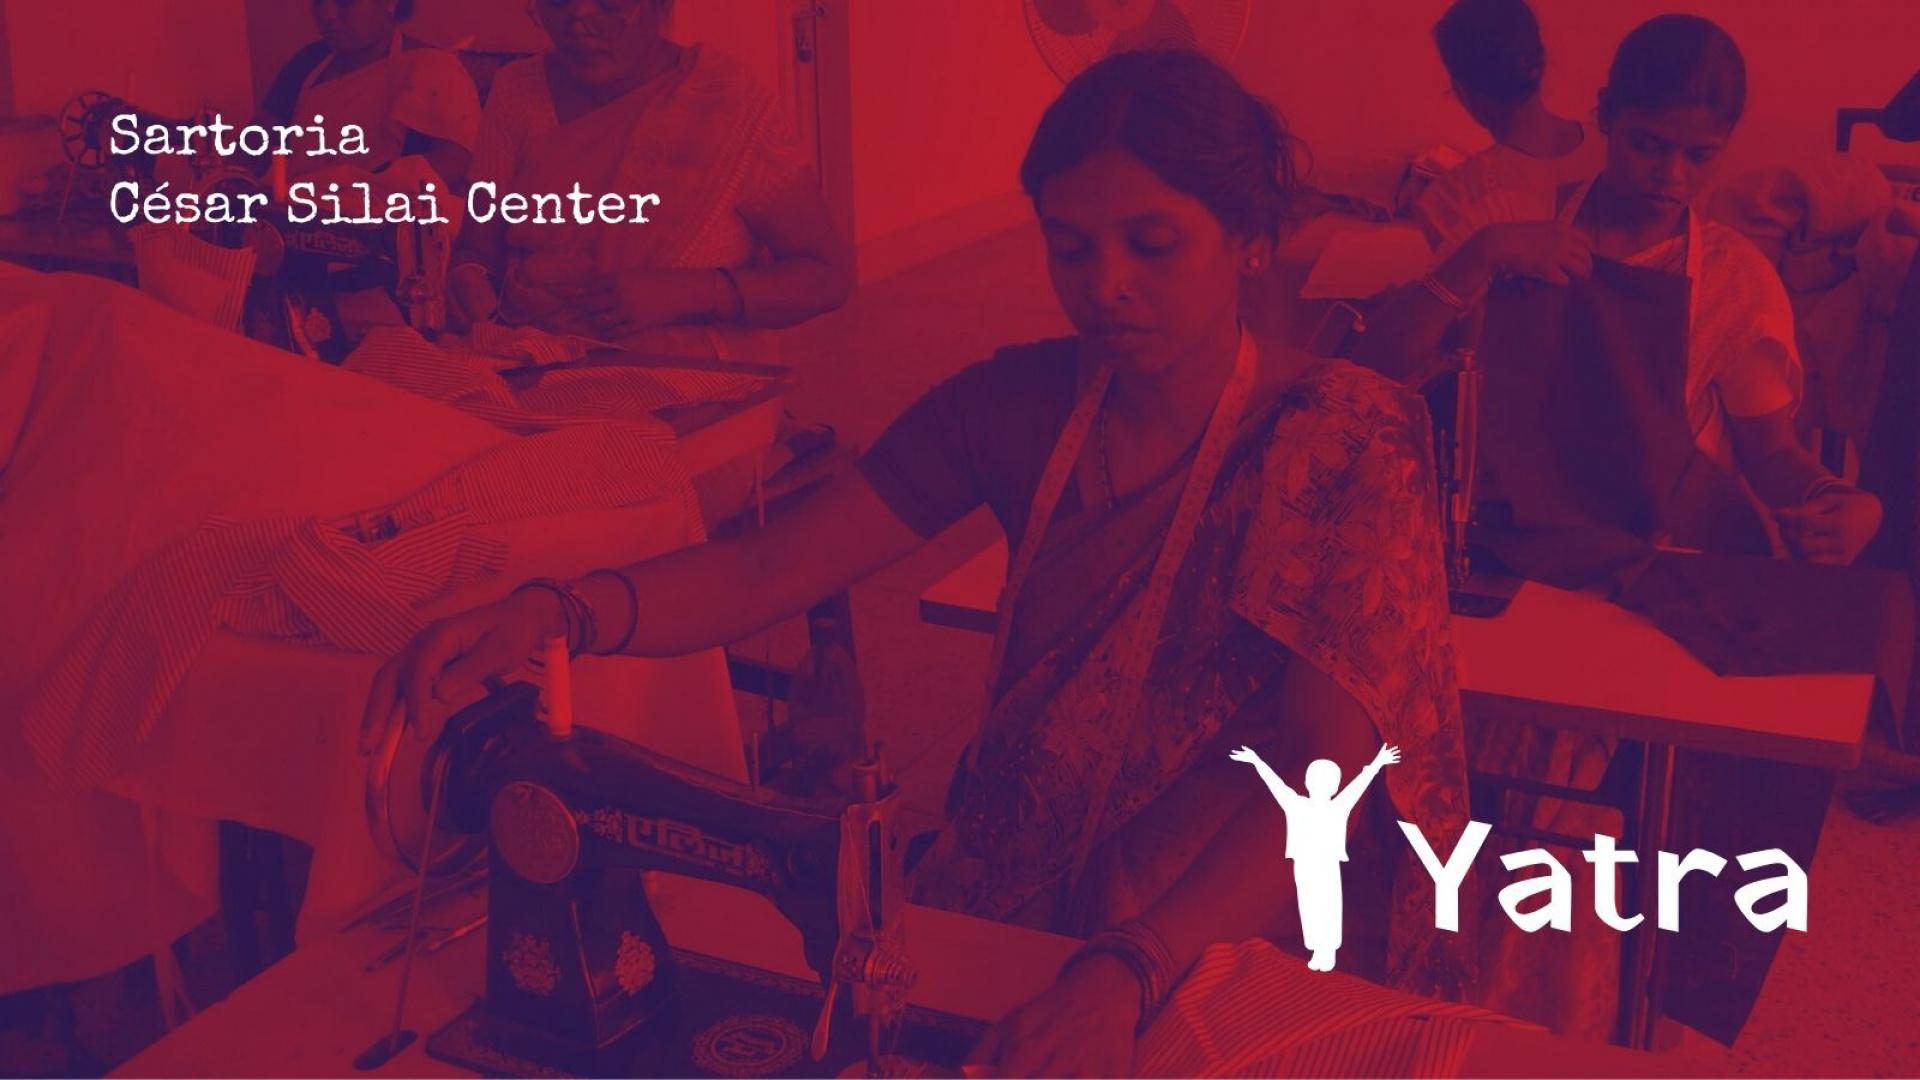 Associazione YATRA Onlus - Organizzazioni di ECONOMIA SOLIDALE